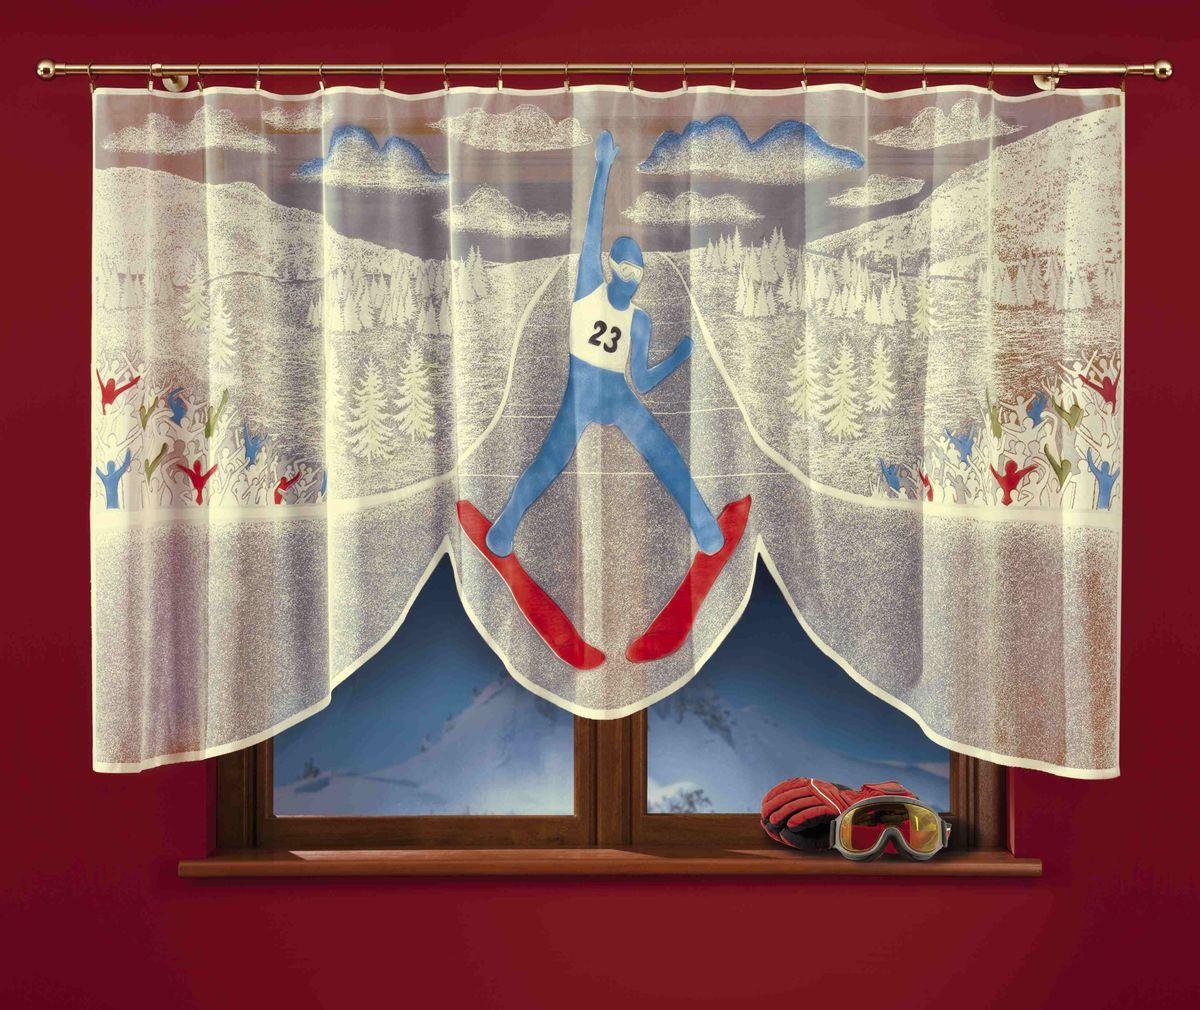 Гардина Wisan Skoczek, цвет: молочный, высота 150 см723АГардина Wisan Skoczek изготовлена из полиэстера, легкой, тонкой ткани. Изделие украшено ручной раскраской в виде лыжника на соревнованиях. Тонкое плетение, оригинальный дизайн и приятная цветовая гамма привлекут к себе внимание и органично впишутся в интерьер кухни. Оригинальное оформление гардины внесет разнообразие и подарит заряд положительного настроения. Гардина не оснащена креплениями.